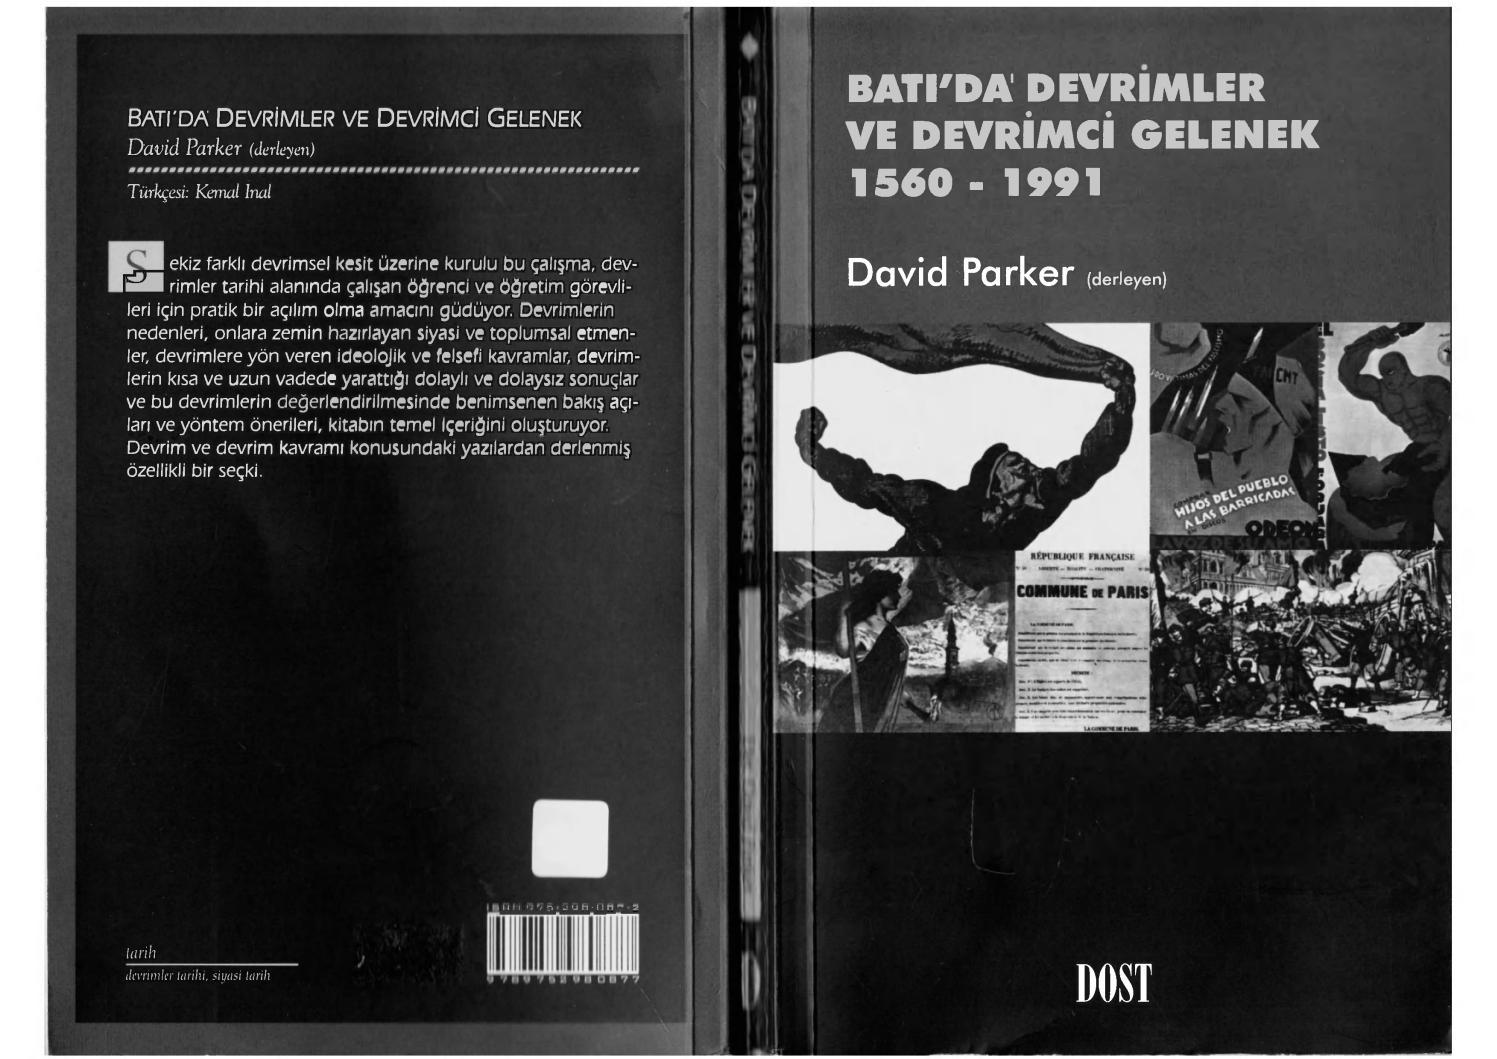 Blok On İki şiirinde devrim teması: Kısa bir gözden geçirme